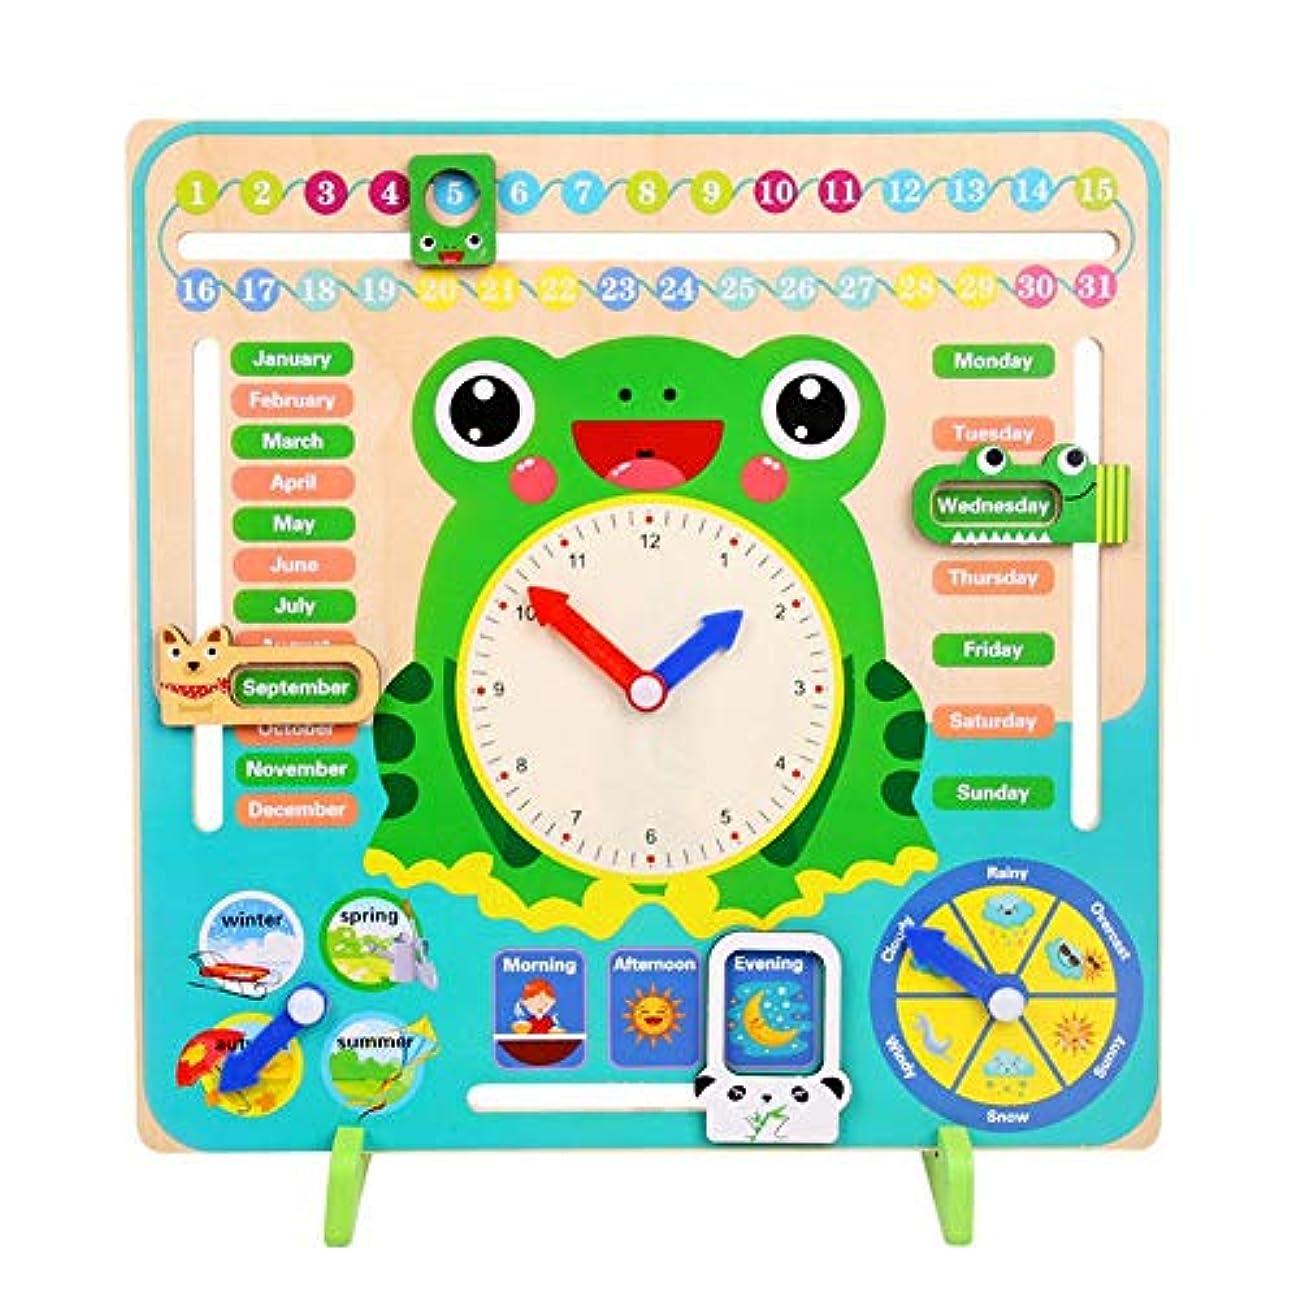 一流定義する保有者認知カレンダー クロック 木製時計 カレンダーボード 教育時計 ショーカレンダー チャート 日付 シーズン 天気 キッズ 多機能 キッズ 幼児 子供 パズル ウッドクロック 知育玩具